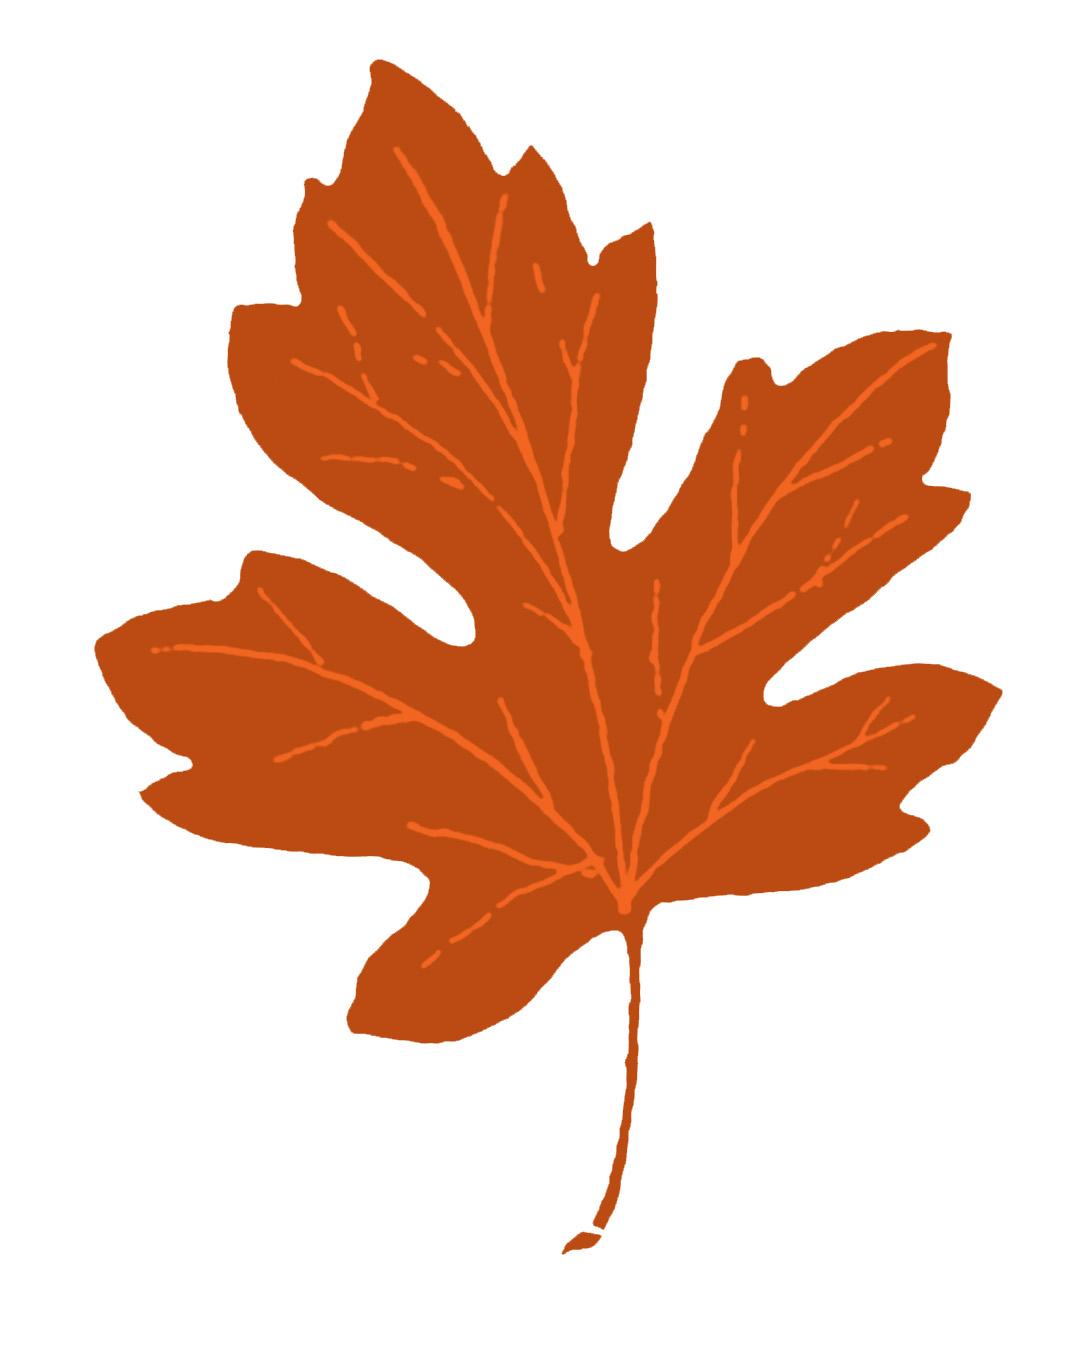 Vintage Fall Clip Art U2013 Maple Leaves-Vintage Fall Clip Art u2013 Maple Leaves-16